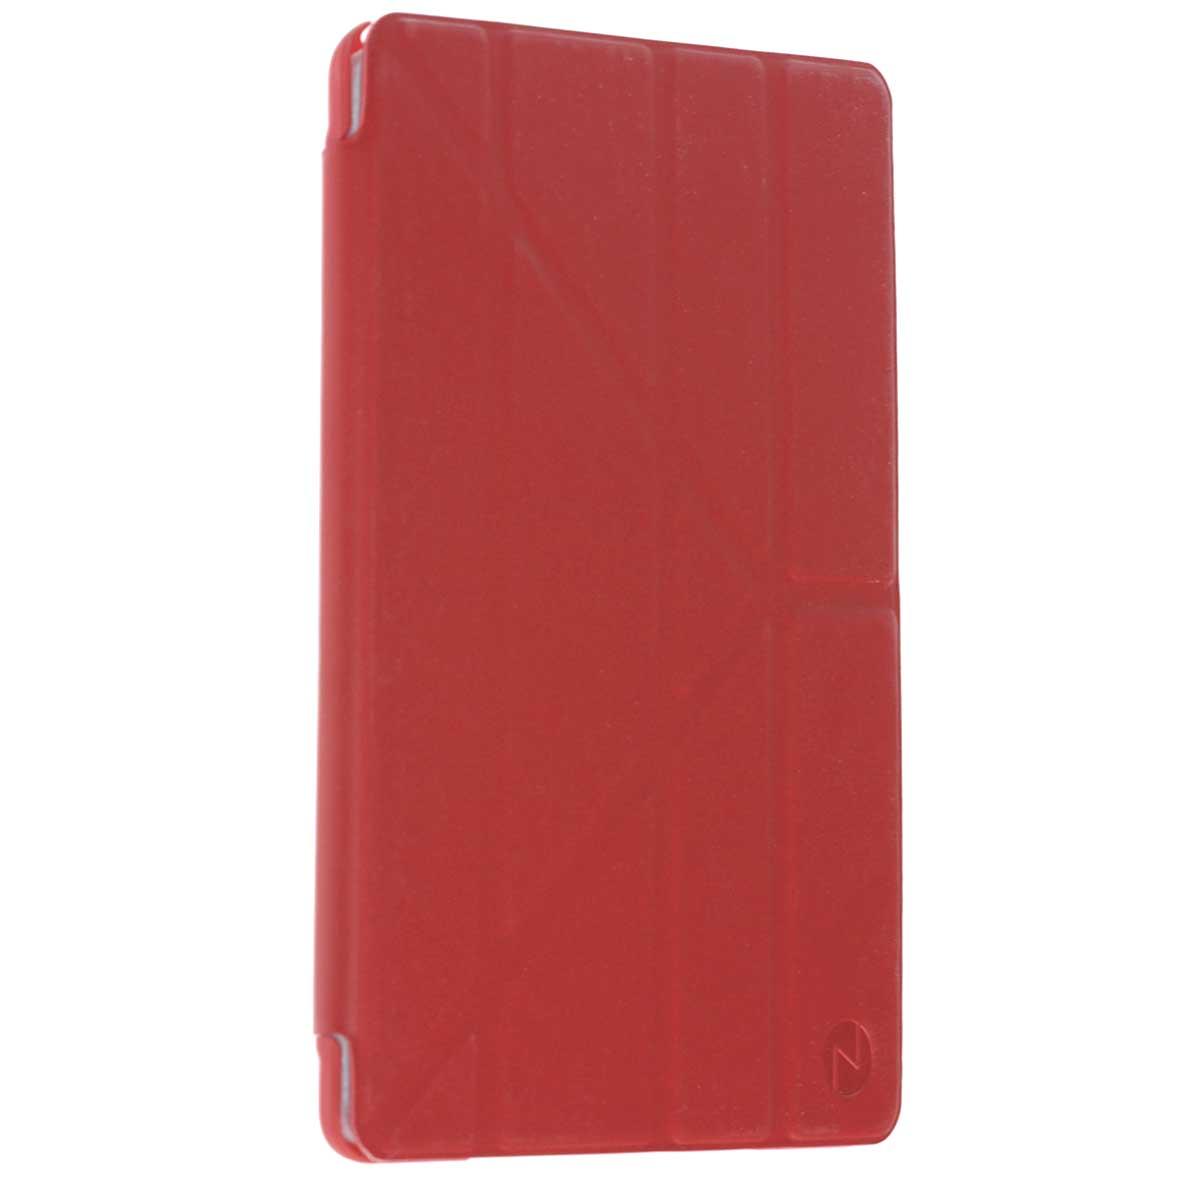 Onzo Minimal чехол для Apple iPad Air 2, RedOZ452103Onzo Minimal - чехол-книжка с мягкой внутренней подкладкой, которая защищает экран от царапин. Имеет покрытие Soft touch, а режим Sleep Mode автоматически вводит iPad Air 2 в режим сна и выводит из него при открытии и закрытии. Мультифункциональная Y-образная крышка, помогает использовать девайс в горизонтальном и вертикальном положении под наиболее удобным наклоном.